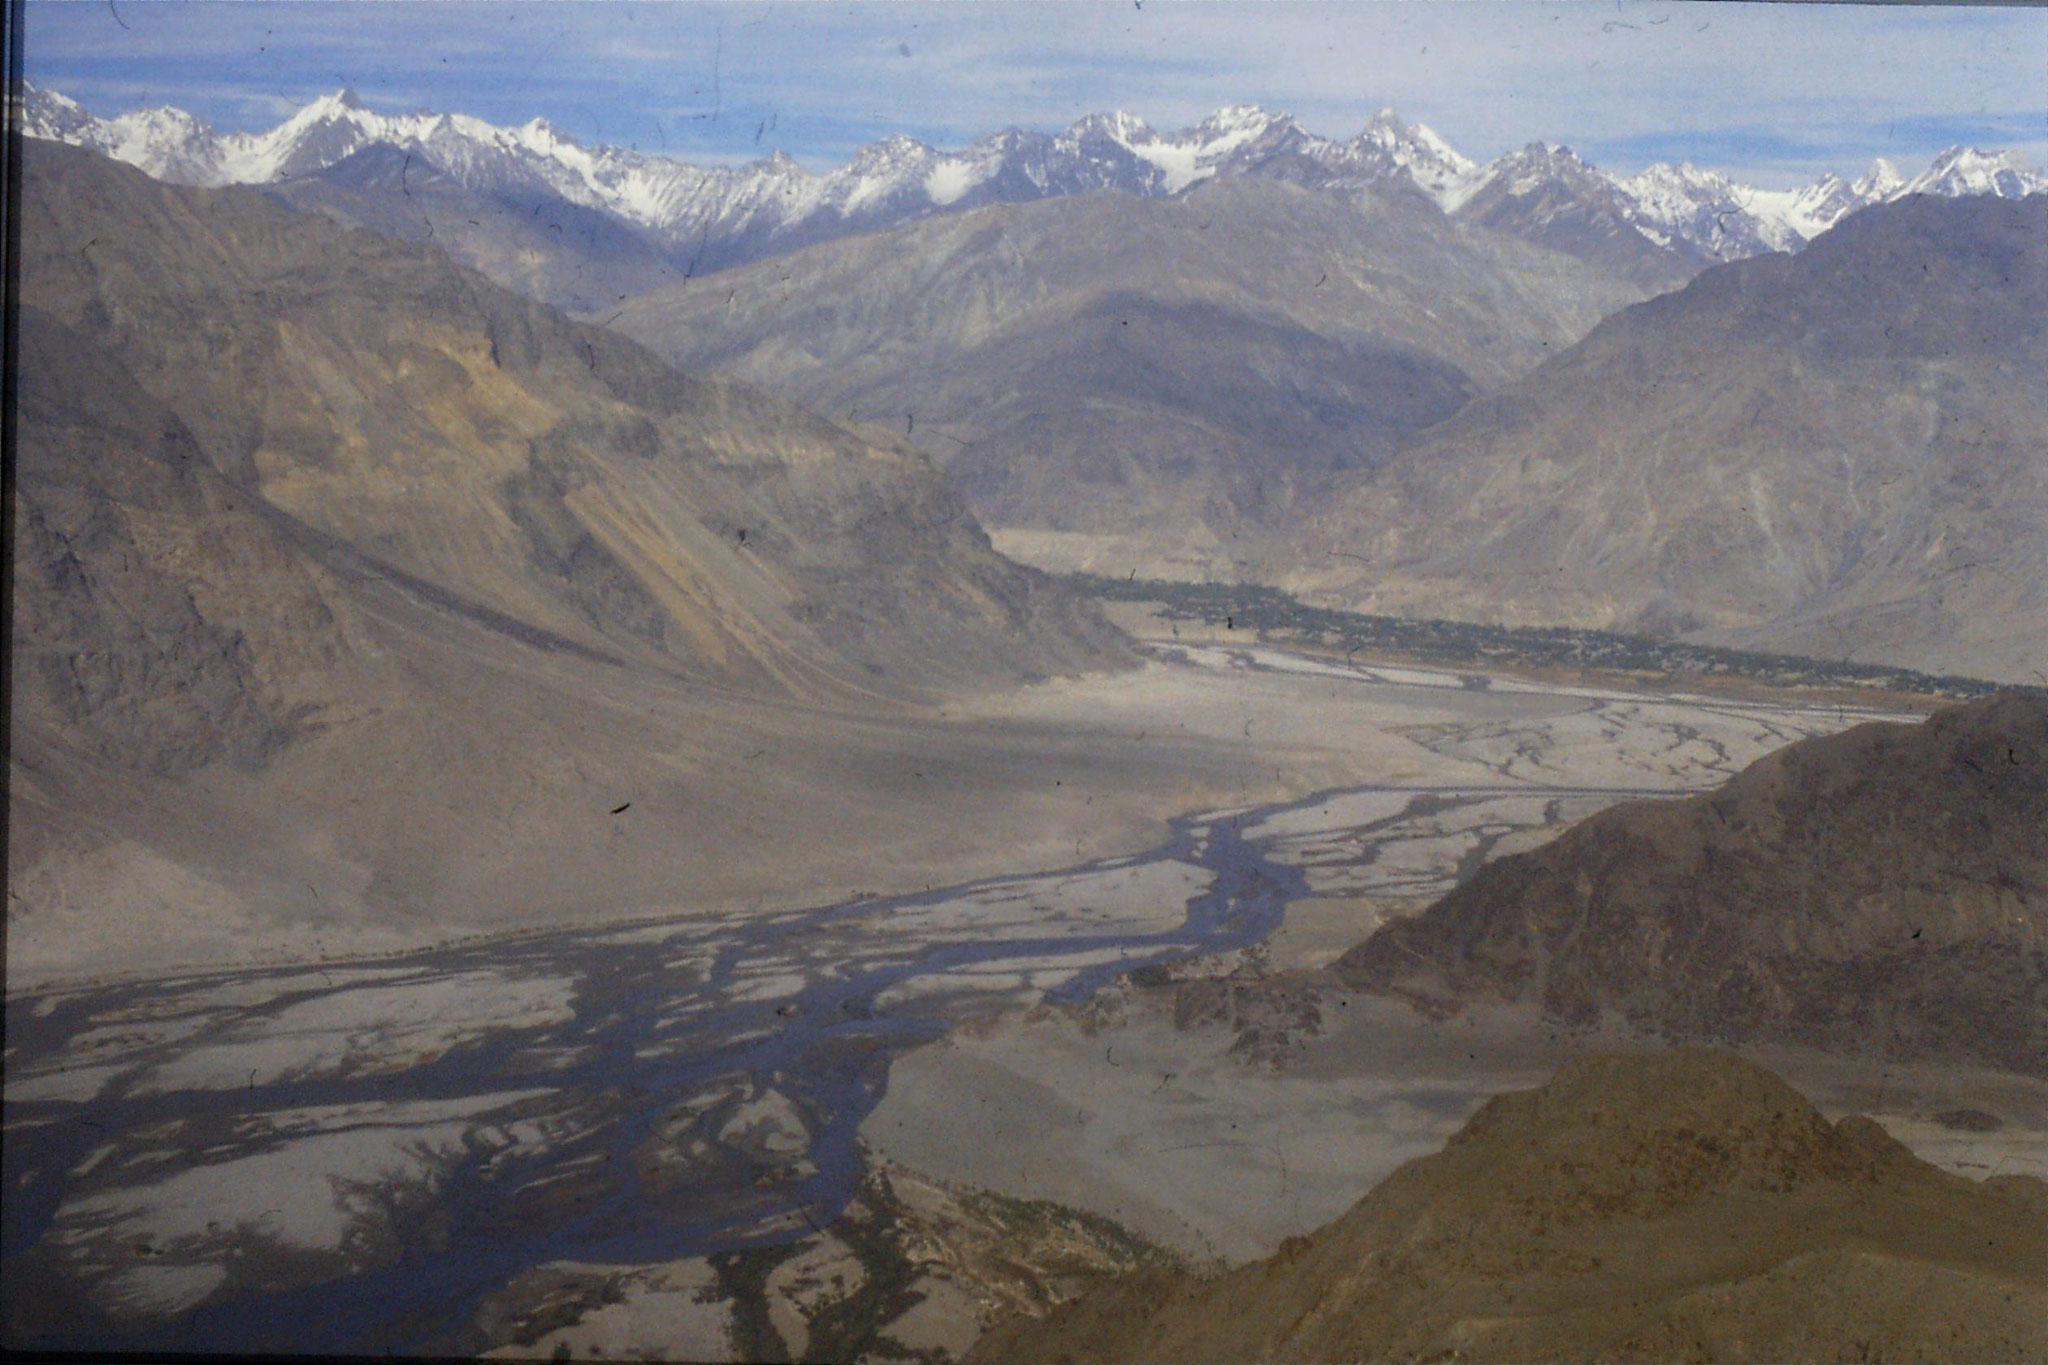 22/10/1989: 16: Shigar valley